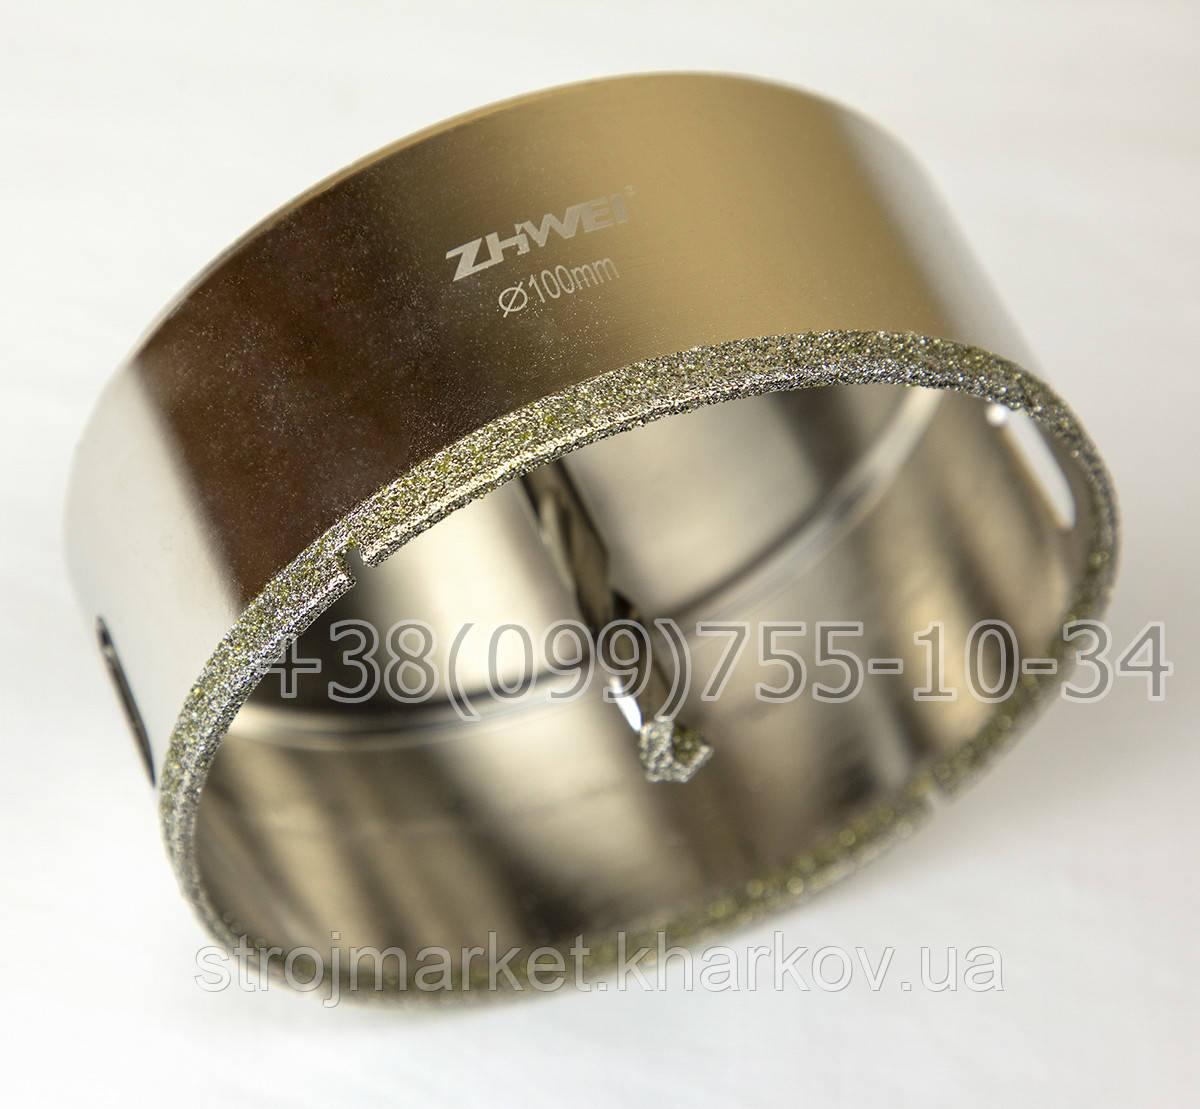 Алмазные коронки с сверлом ZHWEI 100мм